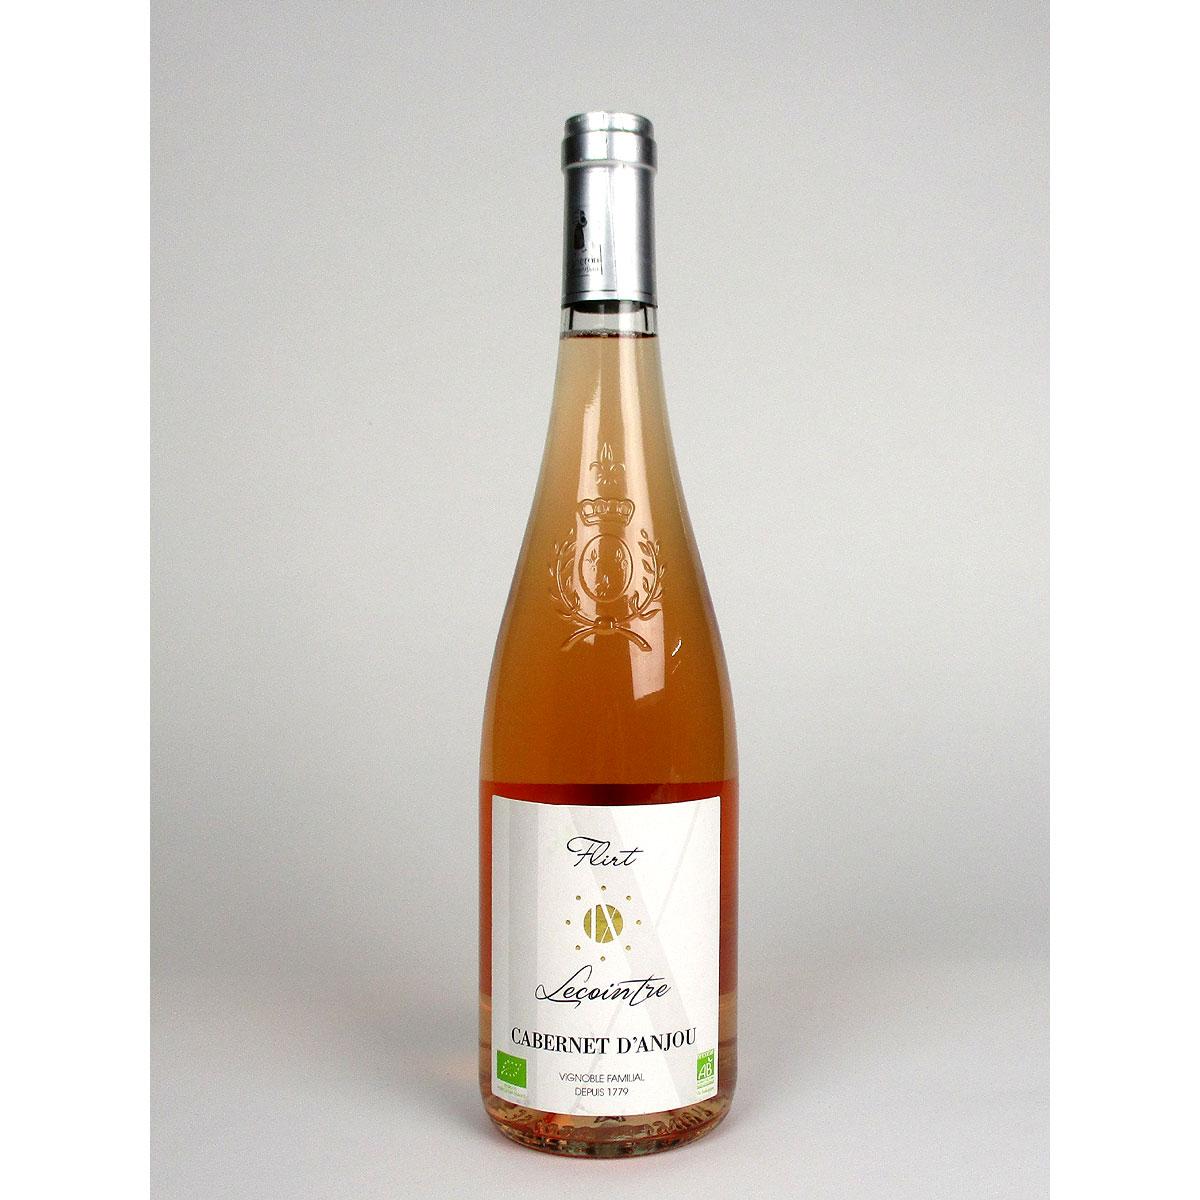 Cabernet d'Anjou: Château La Tomaze Rosé 2019 - Bottle